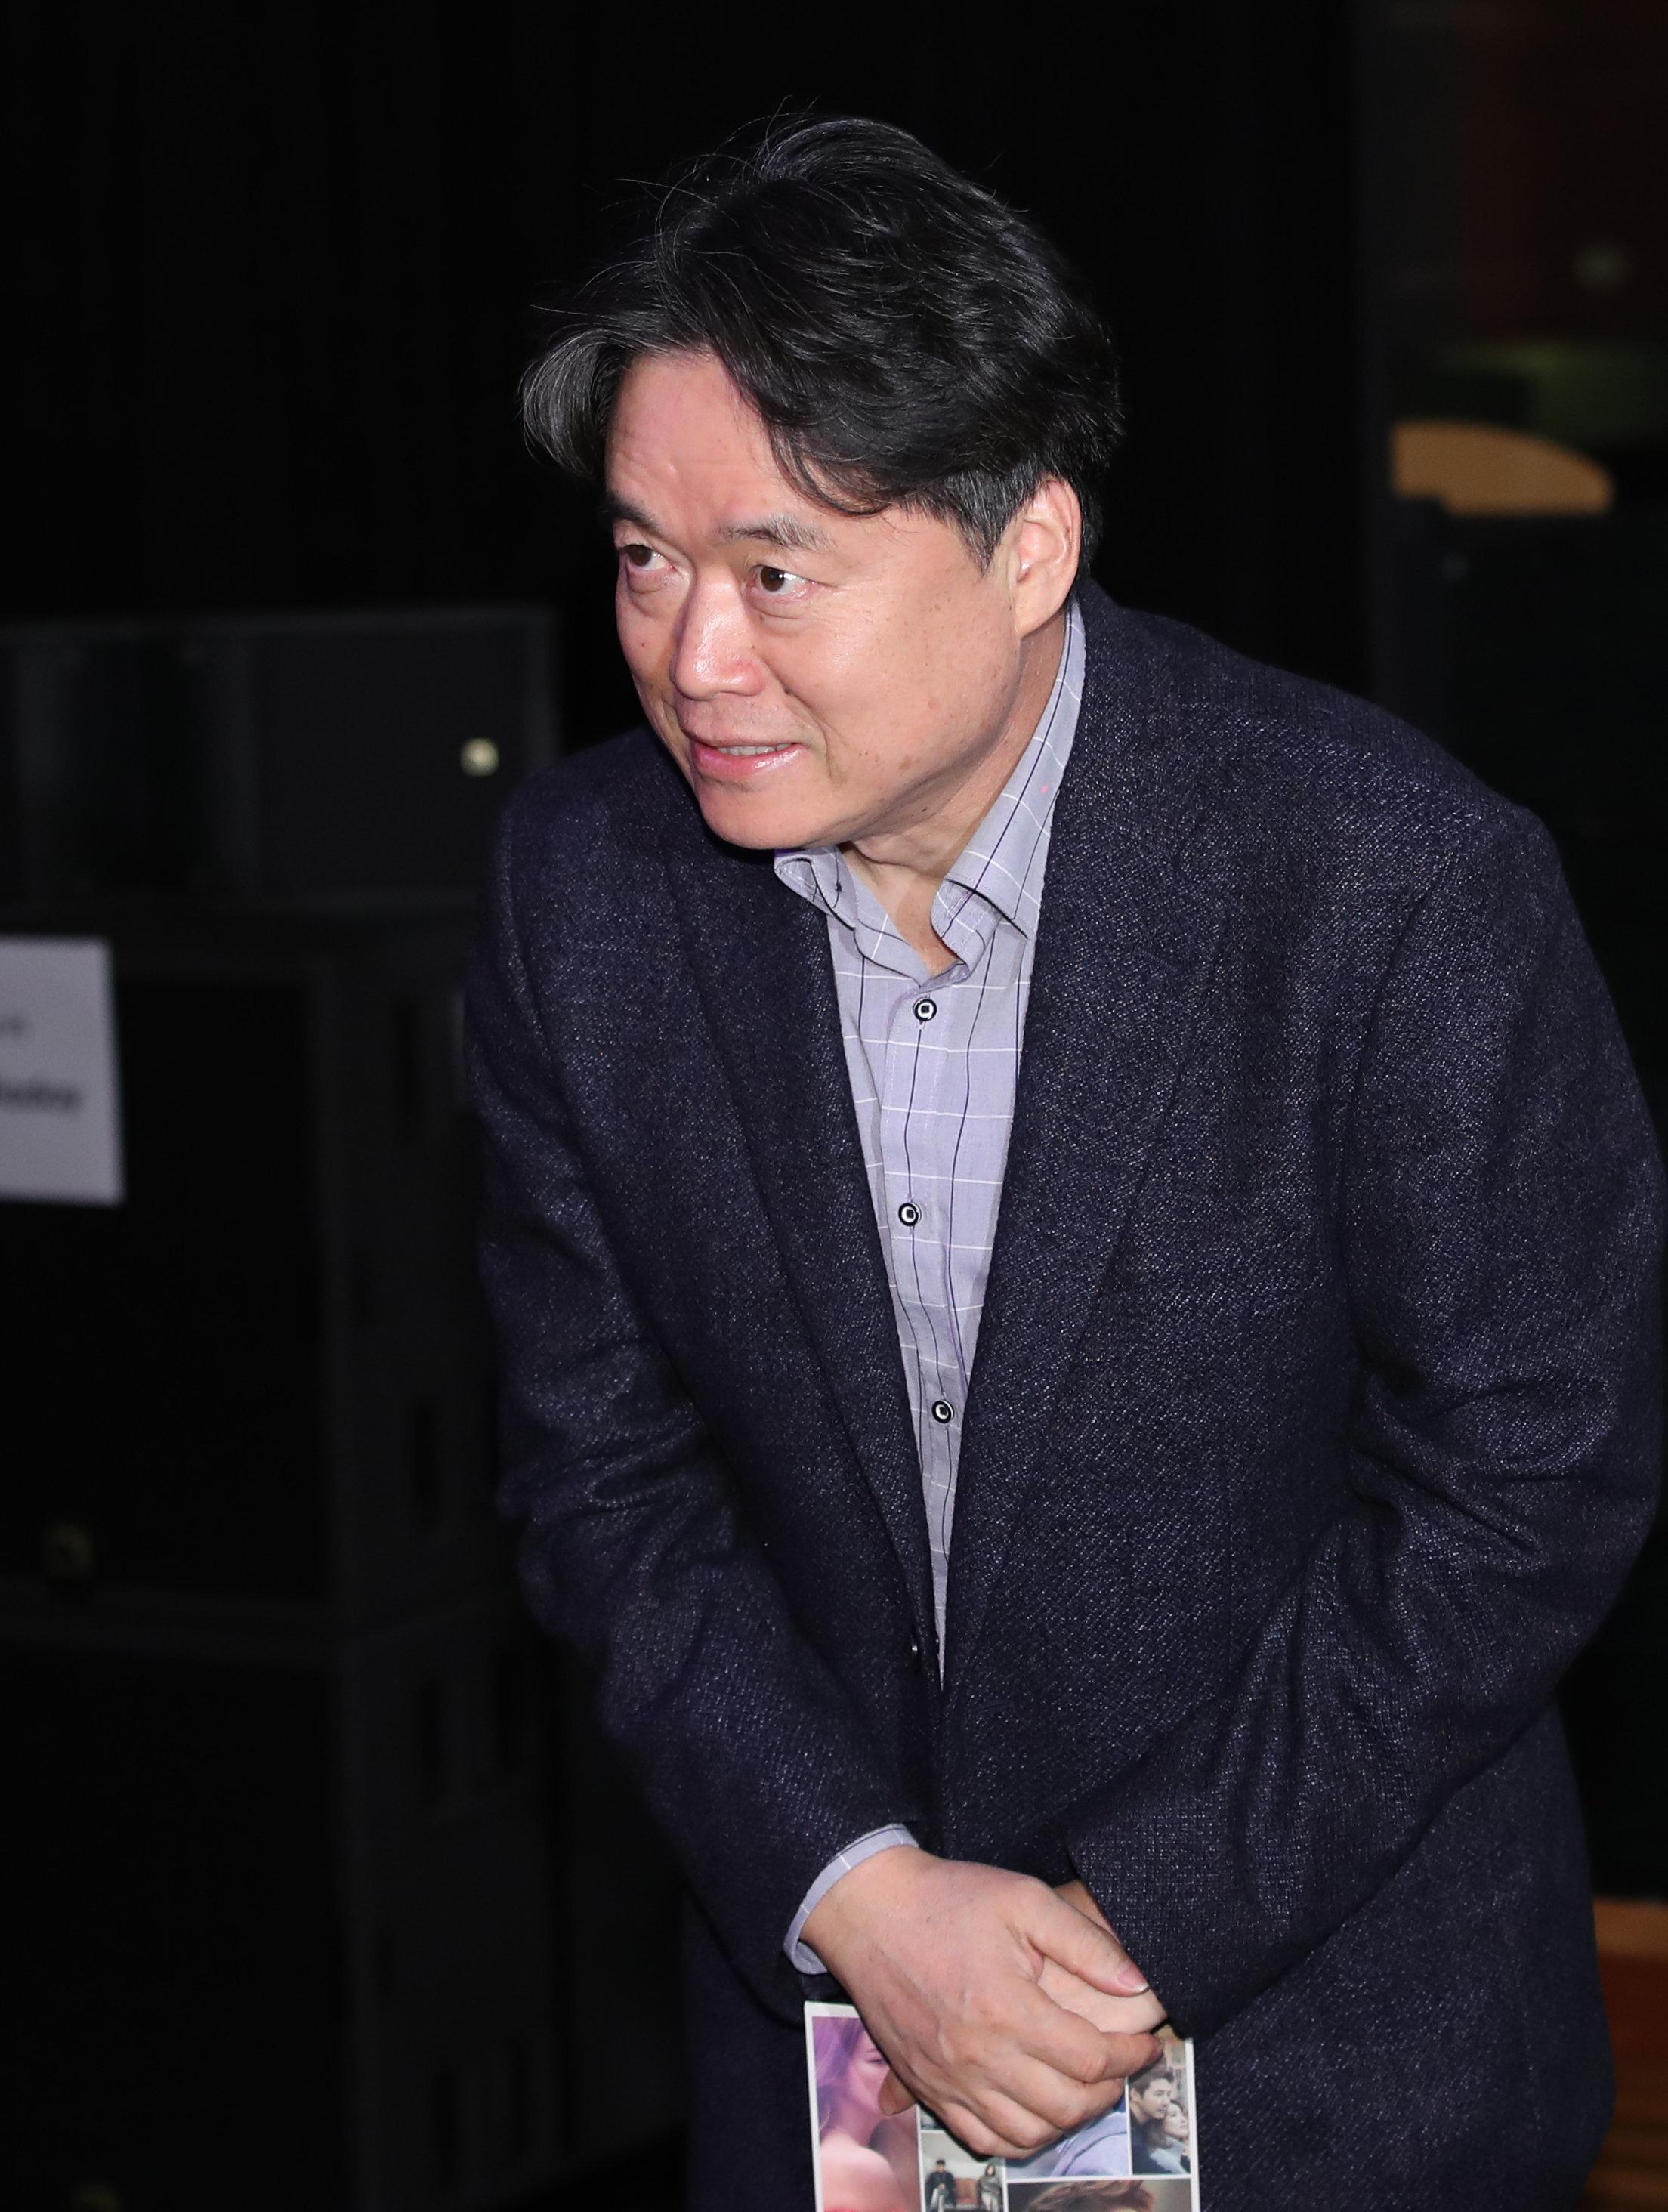 최승호 MBC 사장은 왜 자신이 임명한 보도국장을 6개월만에